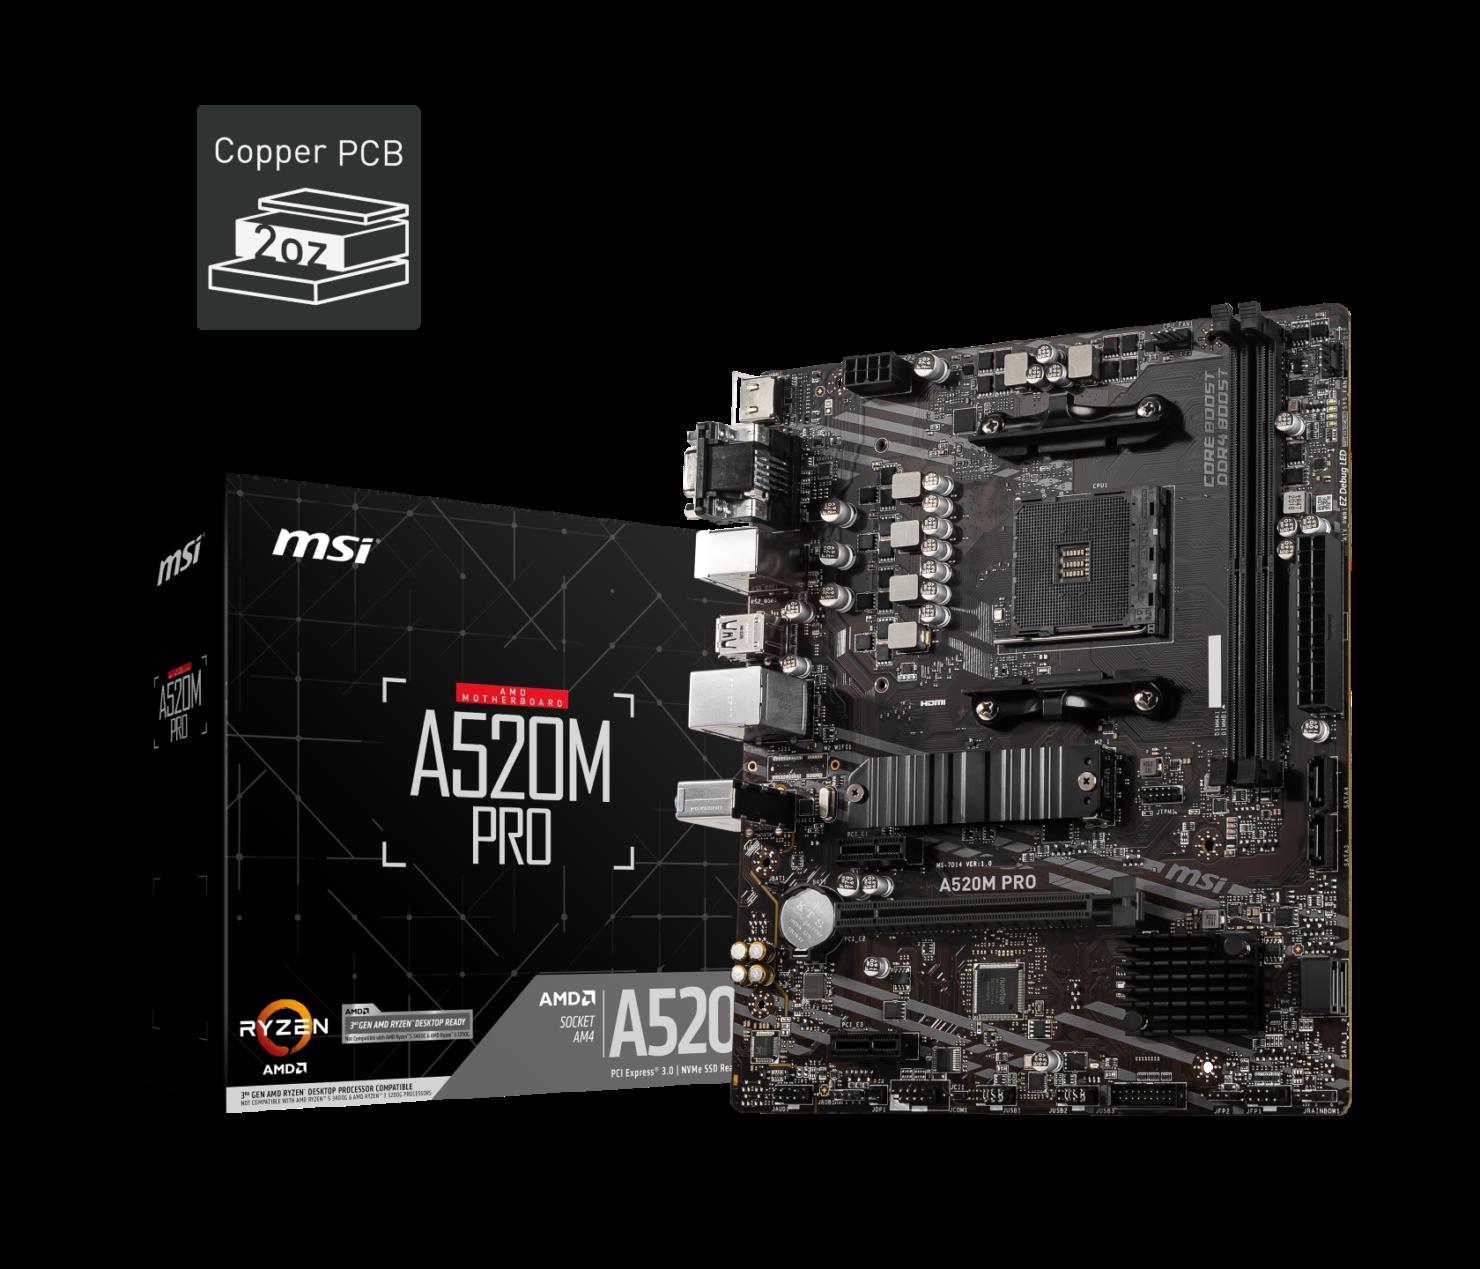 msi-a520m_pro-box-custom